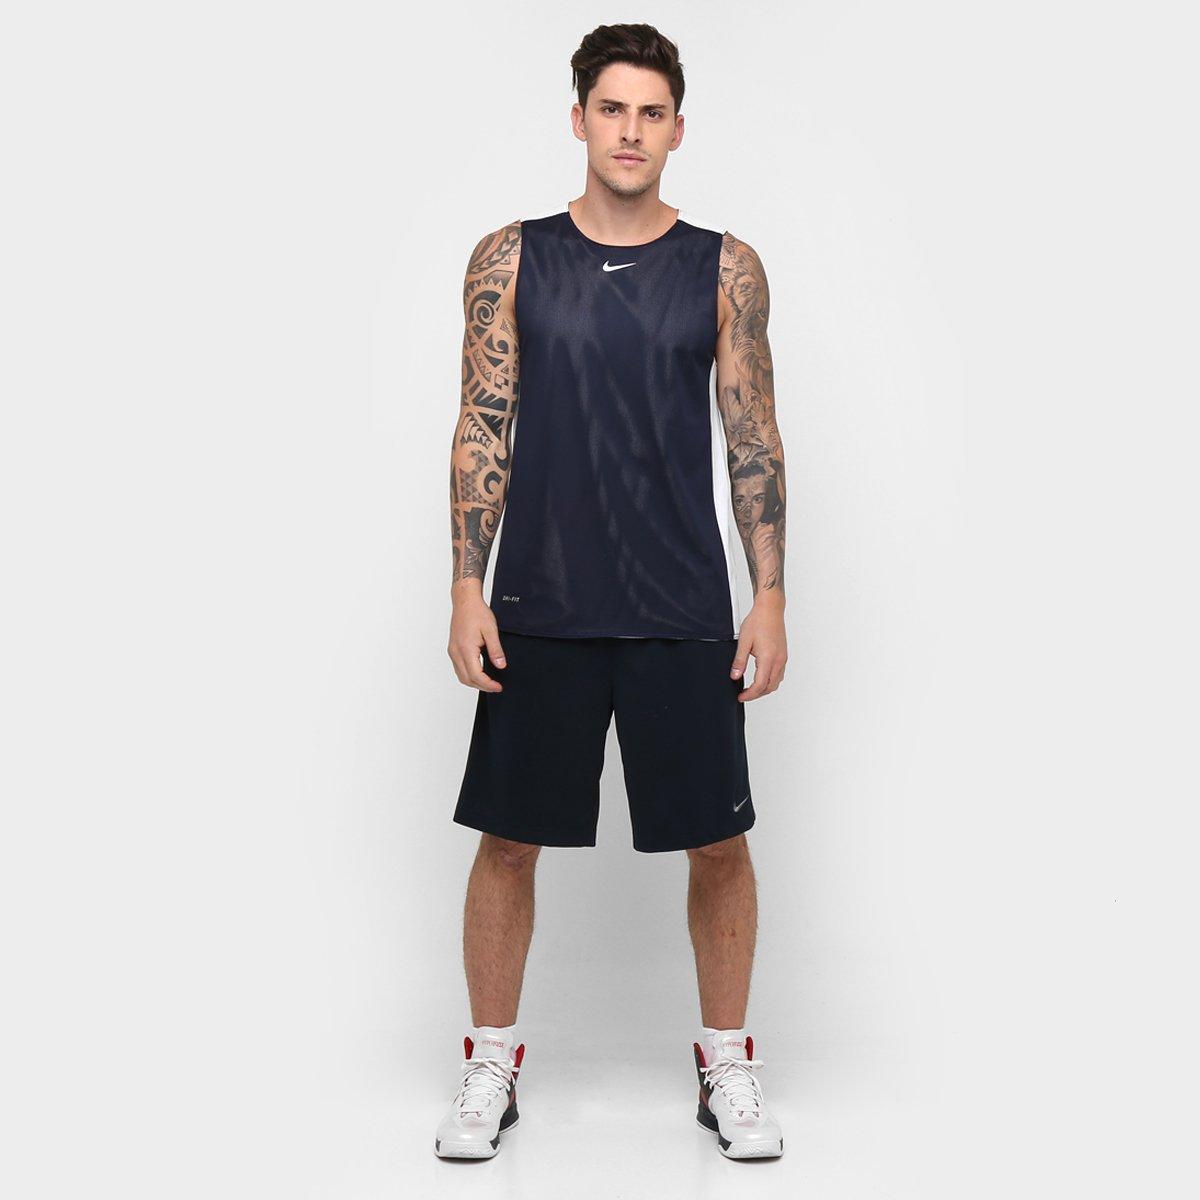 d7d1e0d9a0 Camiseta Regata Nike League Reversível - Compre Agora